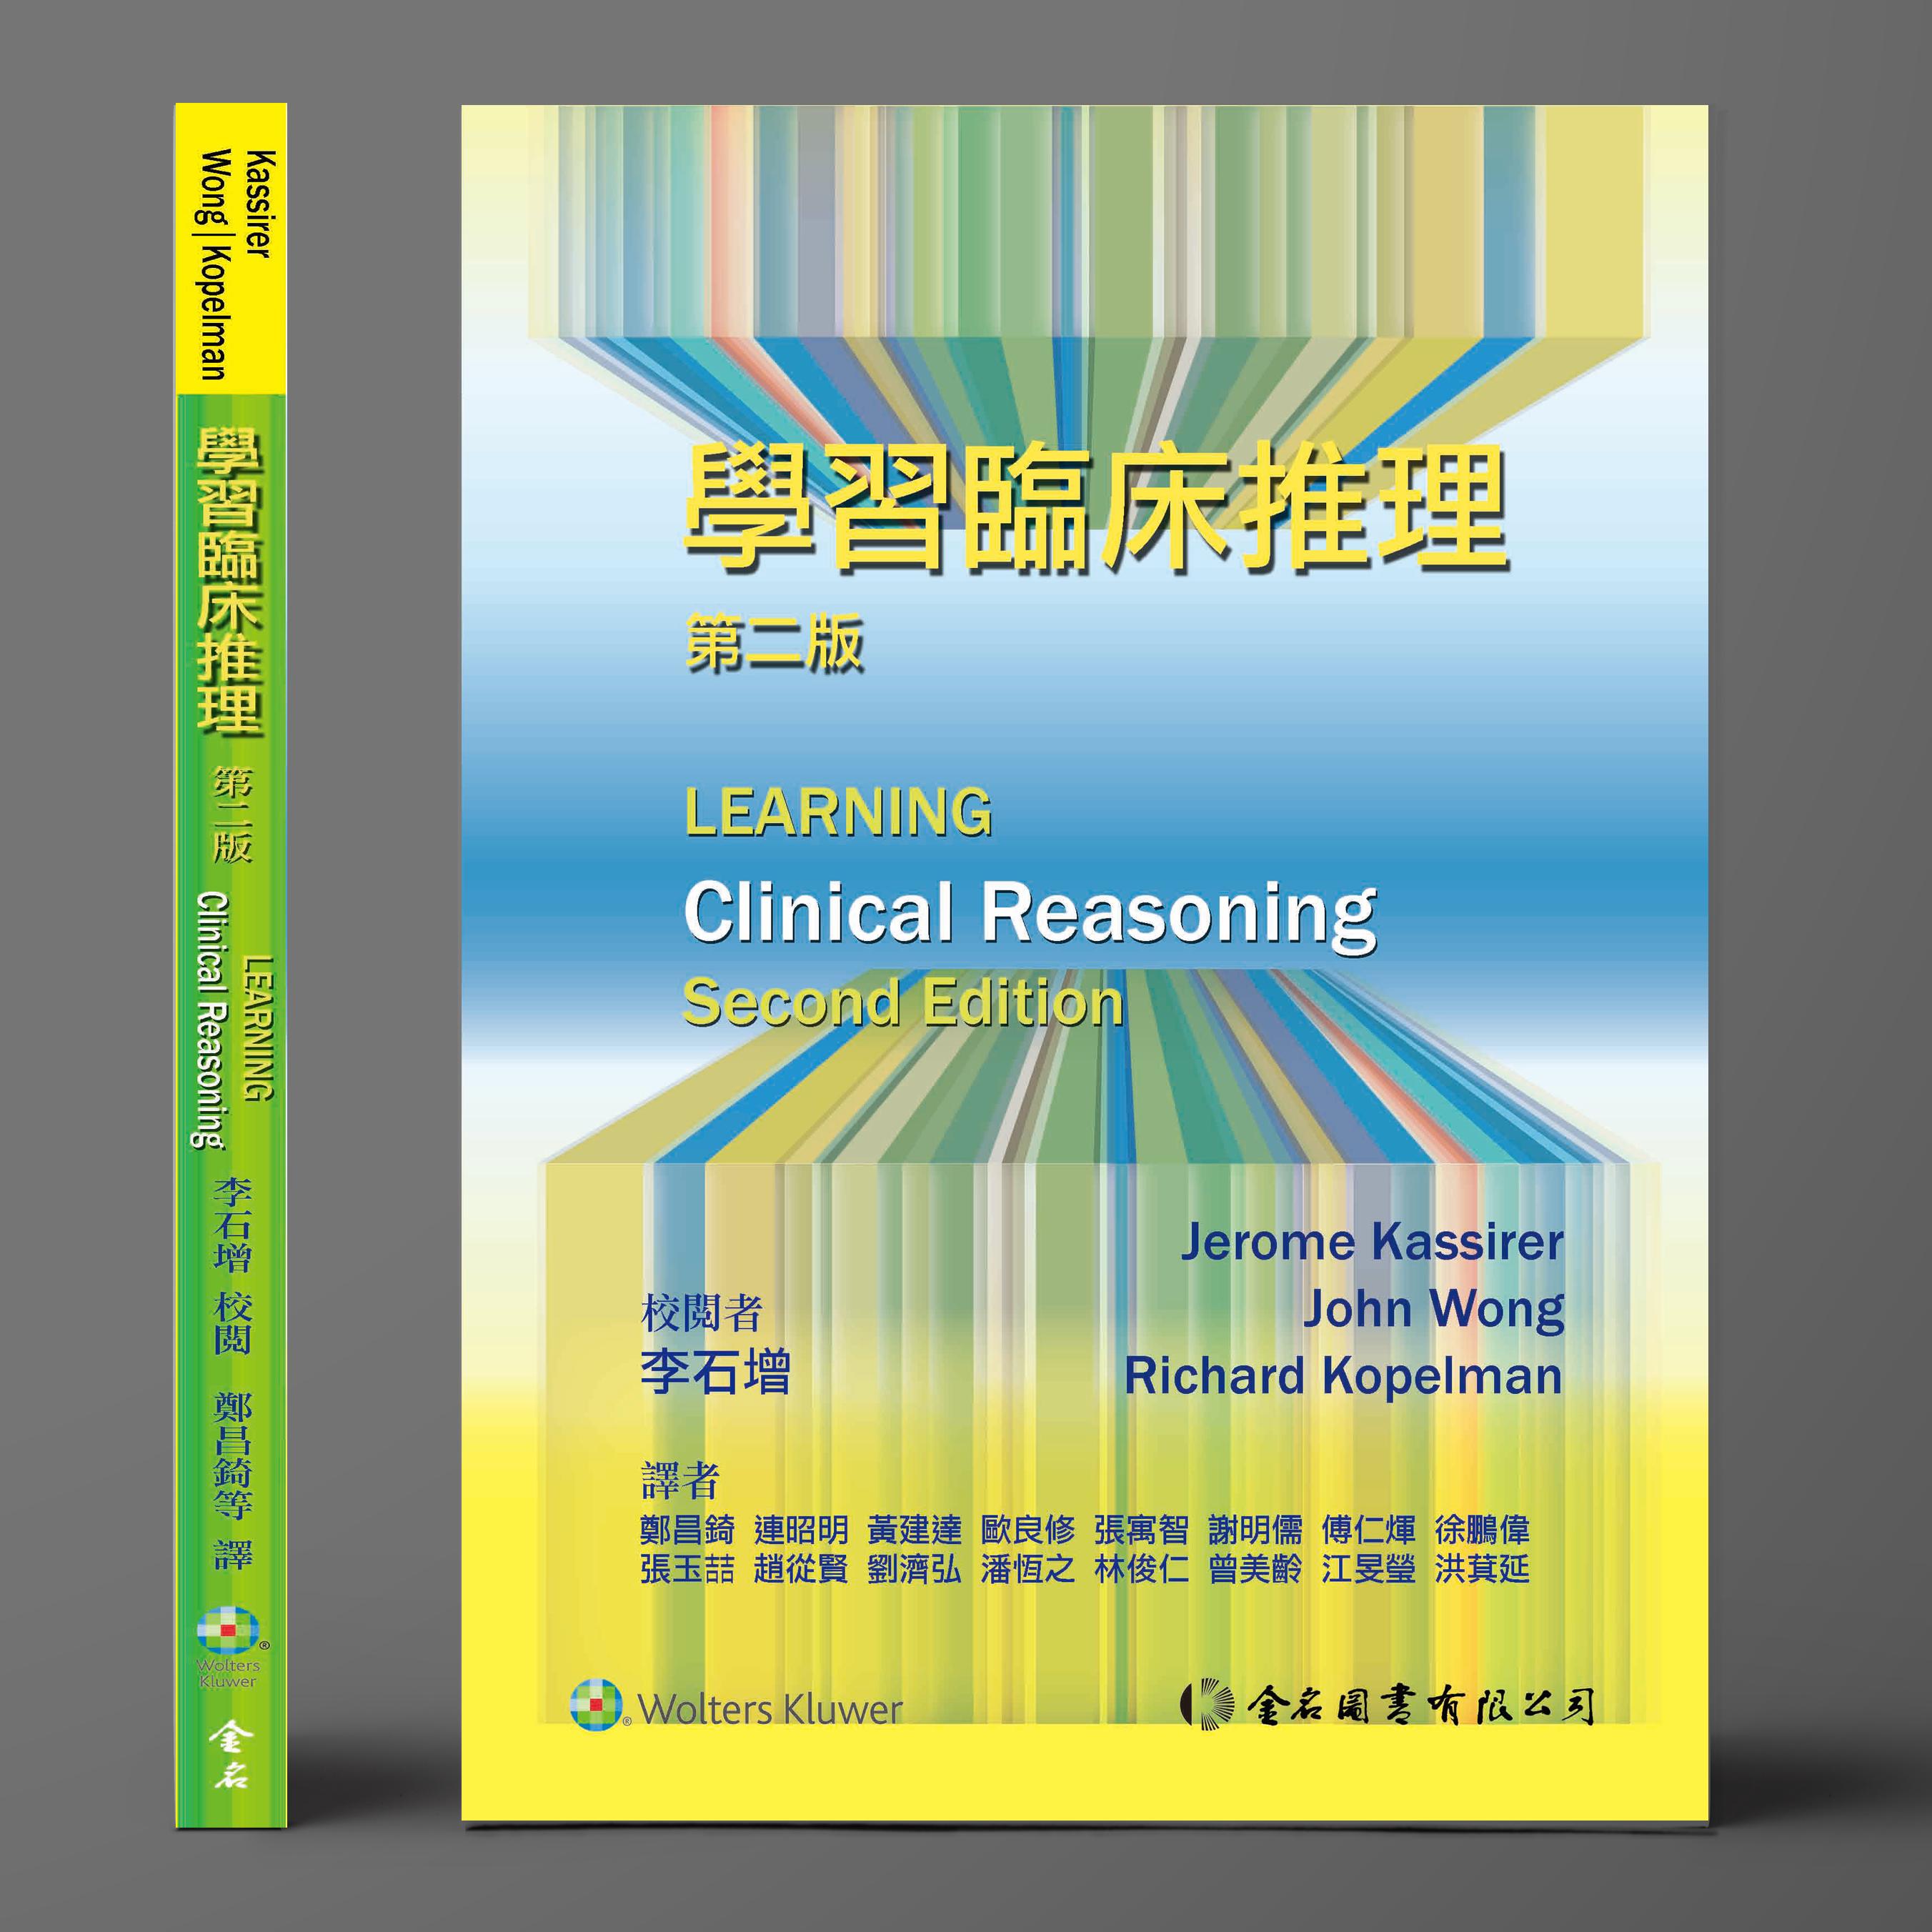 學習臨床推理 第二版